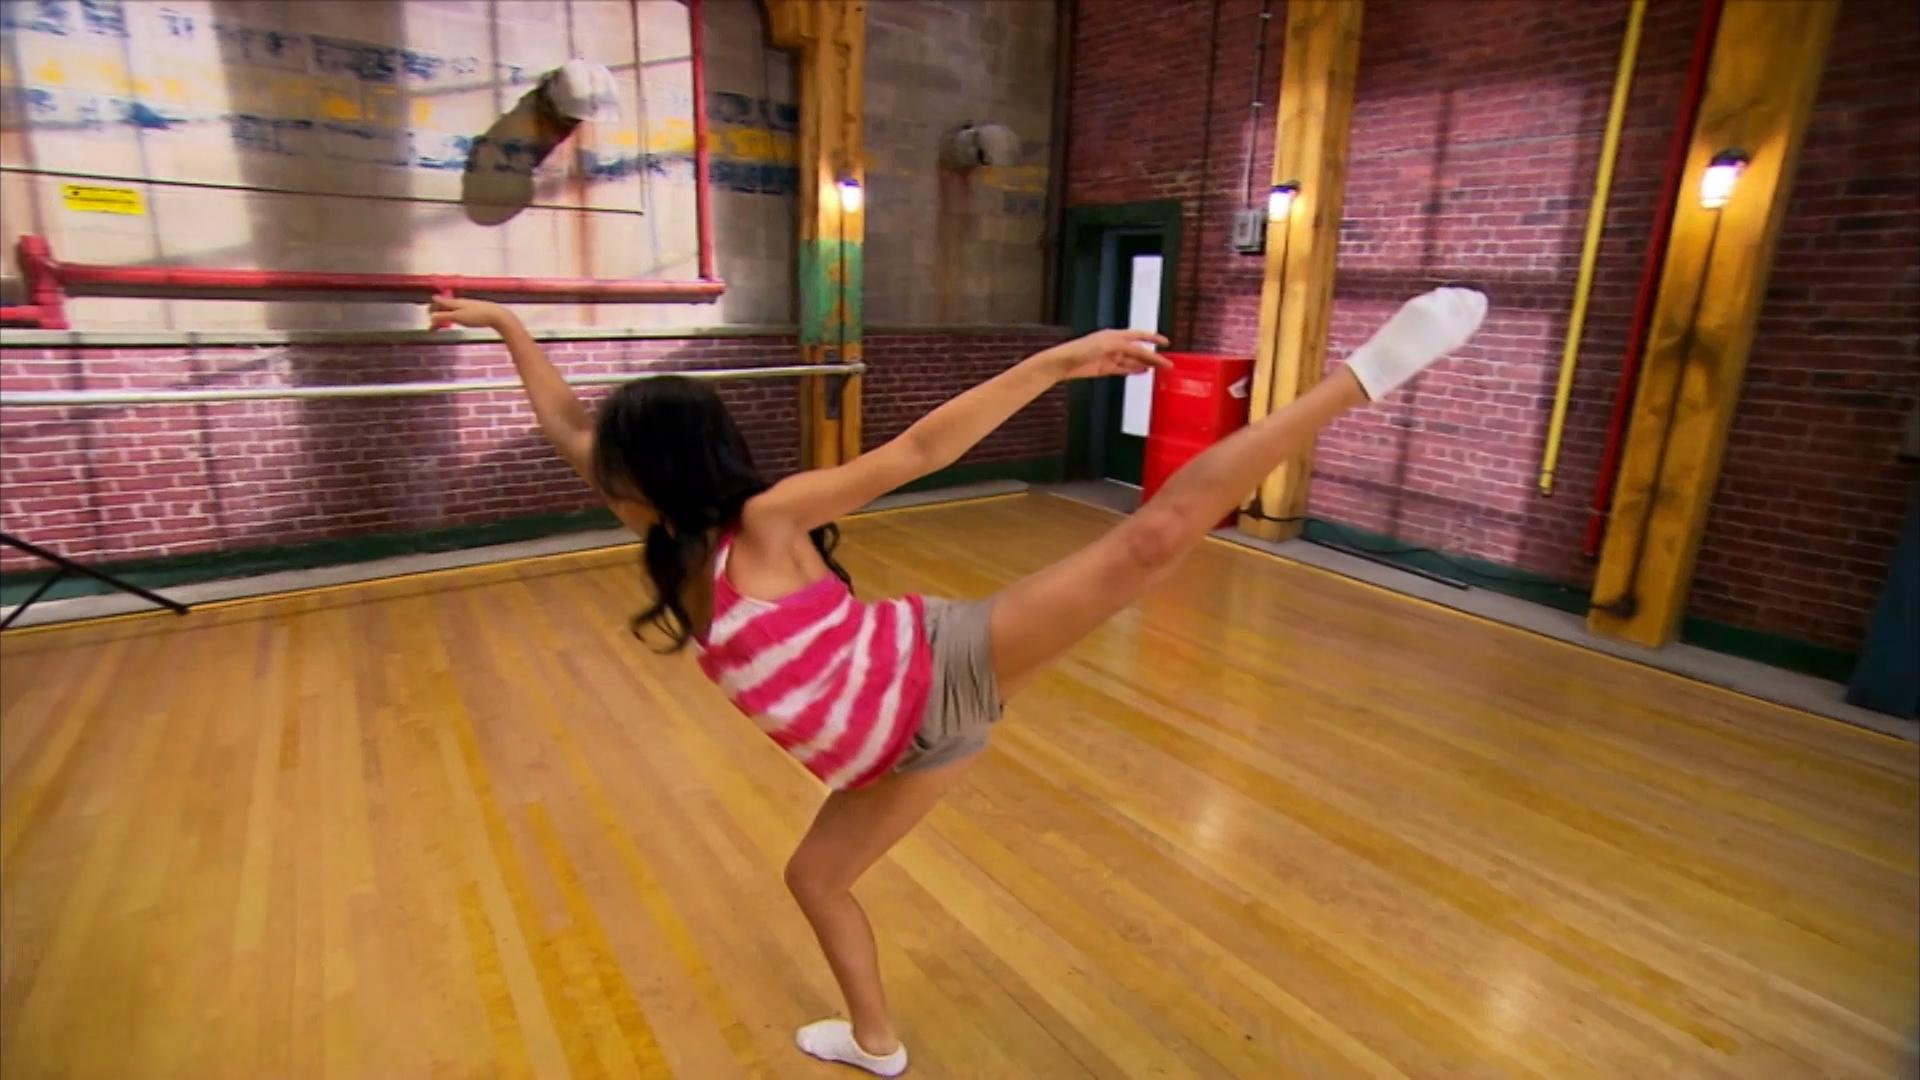 A dancer doing a ballet dance move.